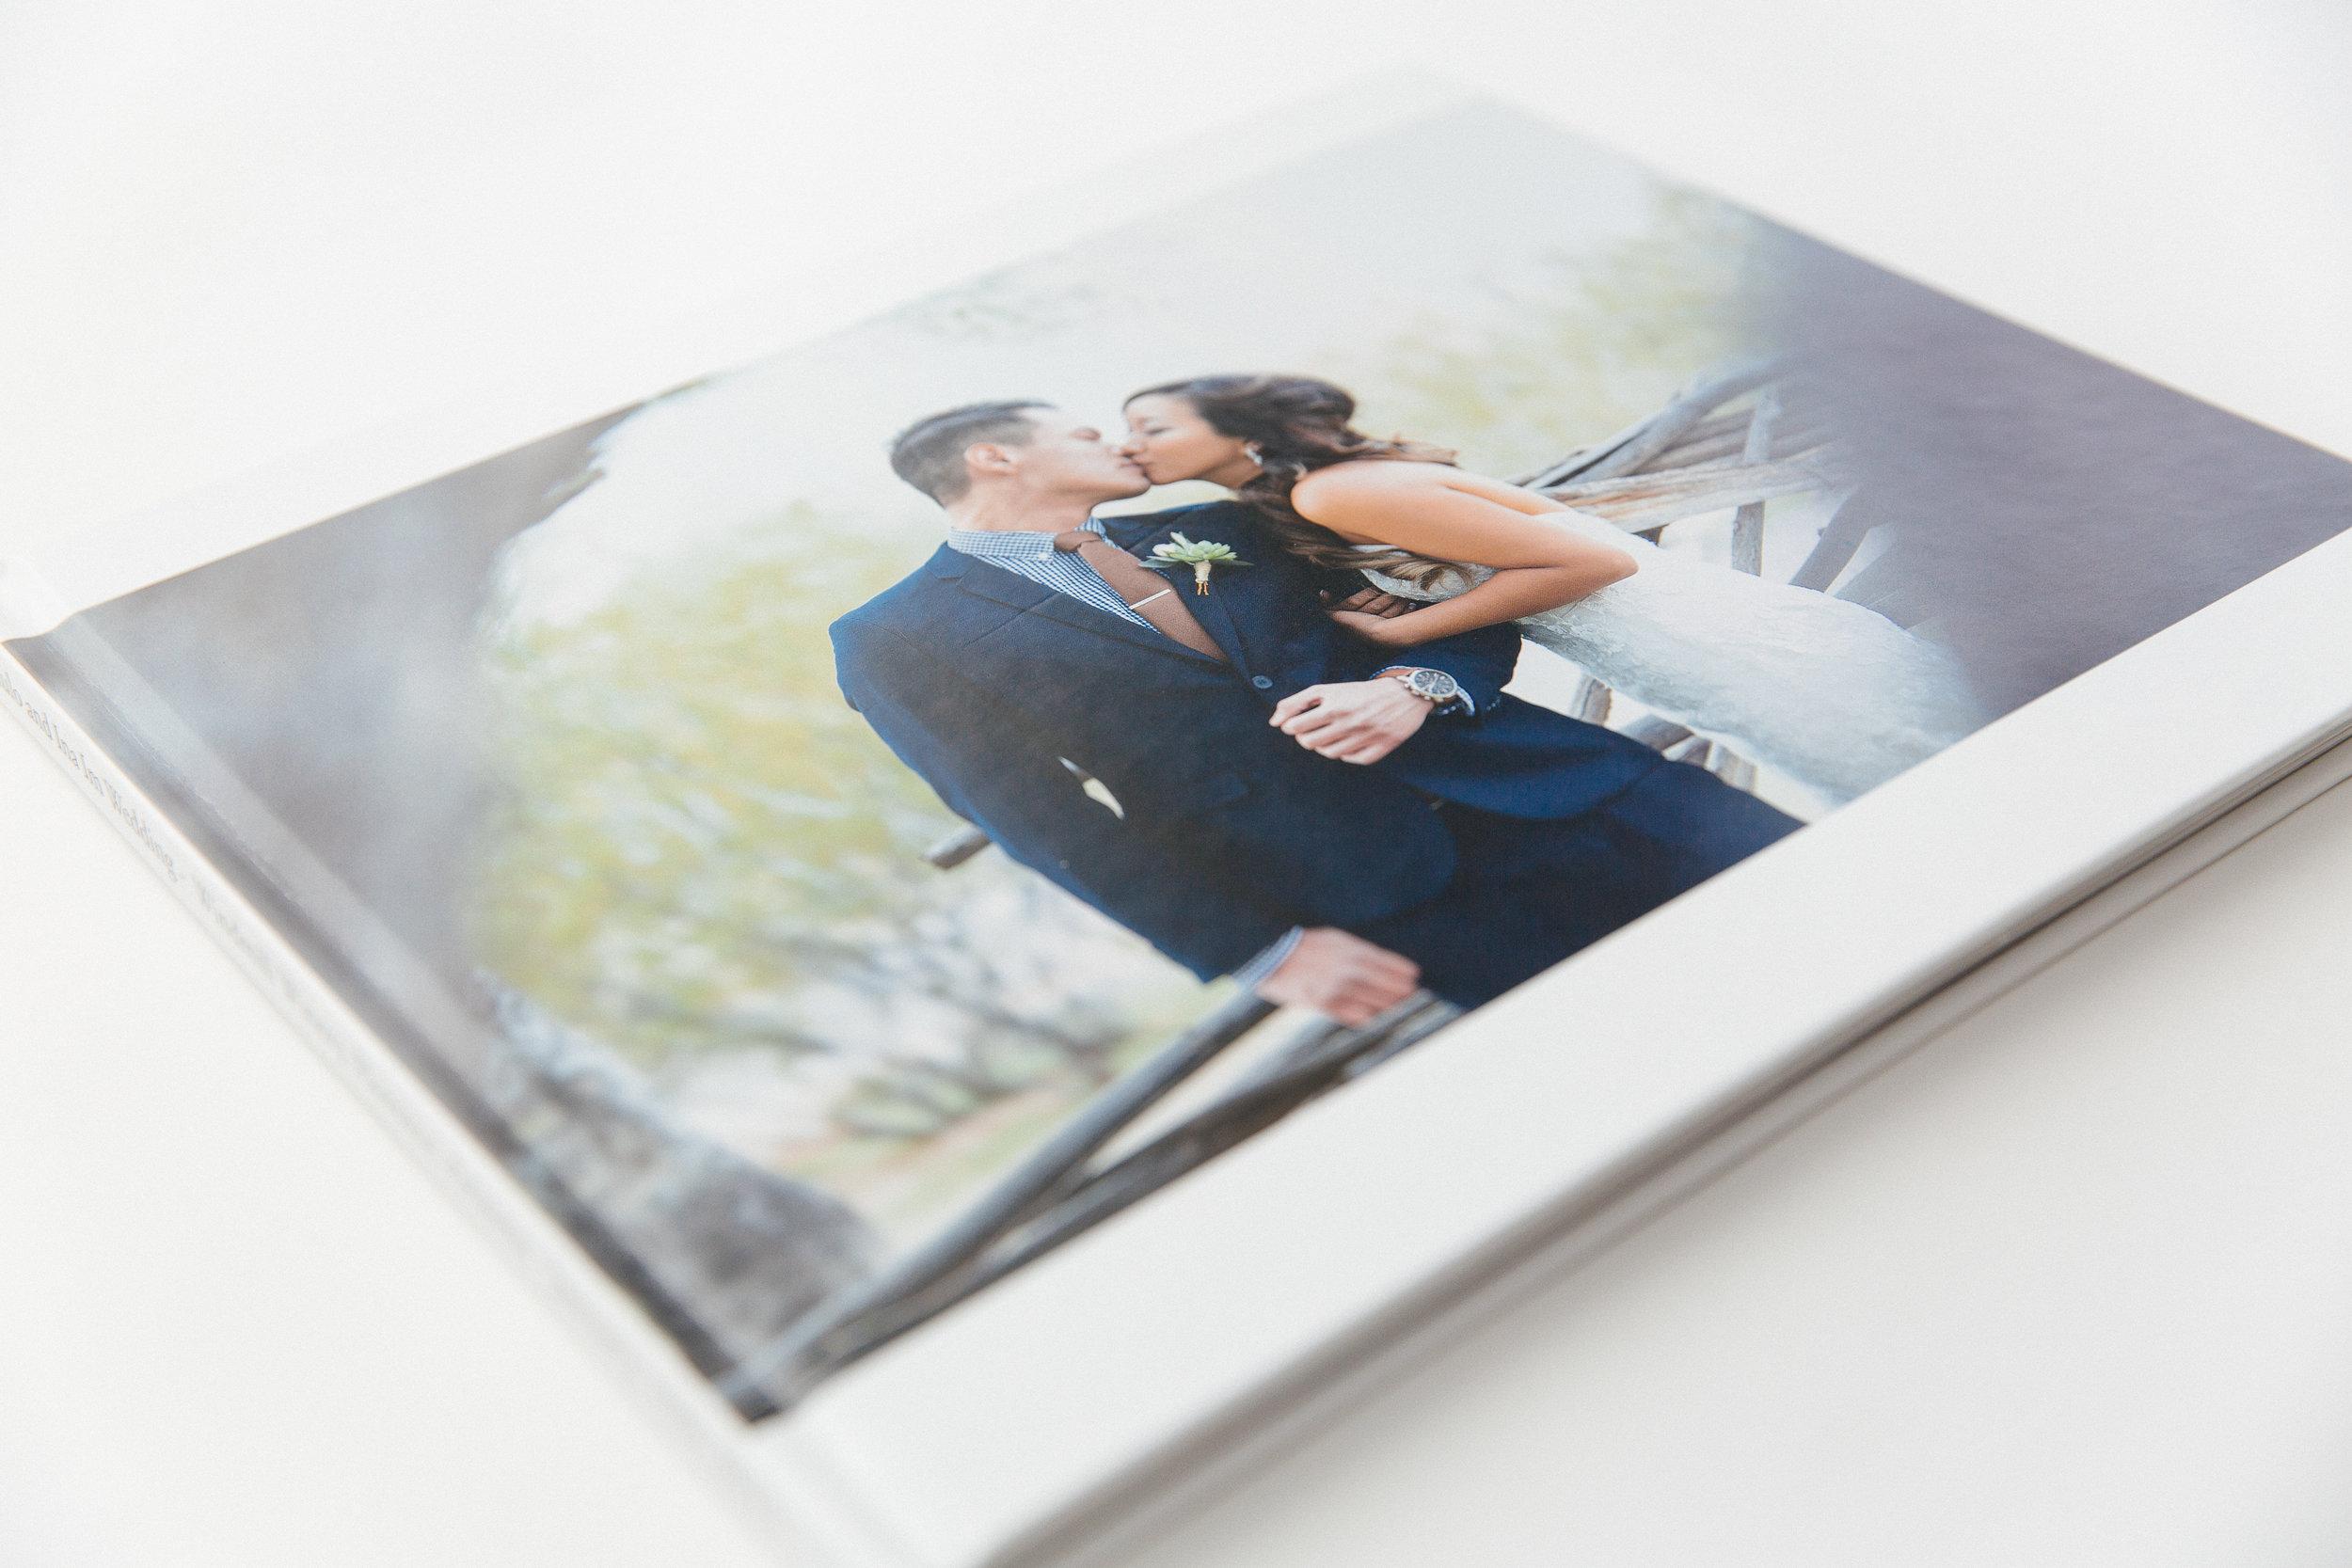 161209-Luxium-Weddings-Arizona-Luxium-Weddings-Product-3919.jpg